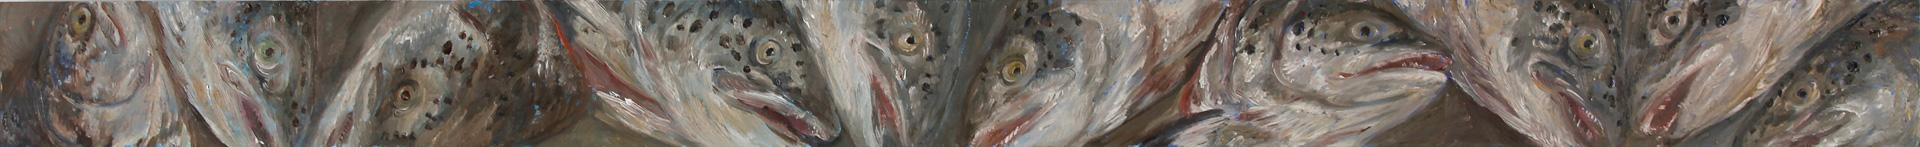 Lachskopffries 4, 2019, 130 x 10 cm, Öl auf MDF